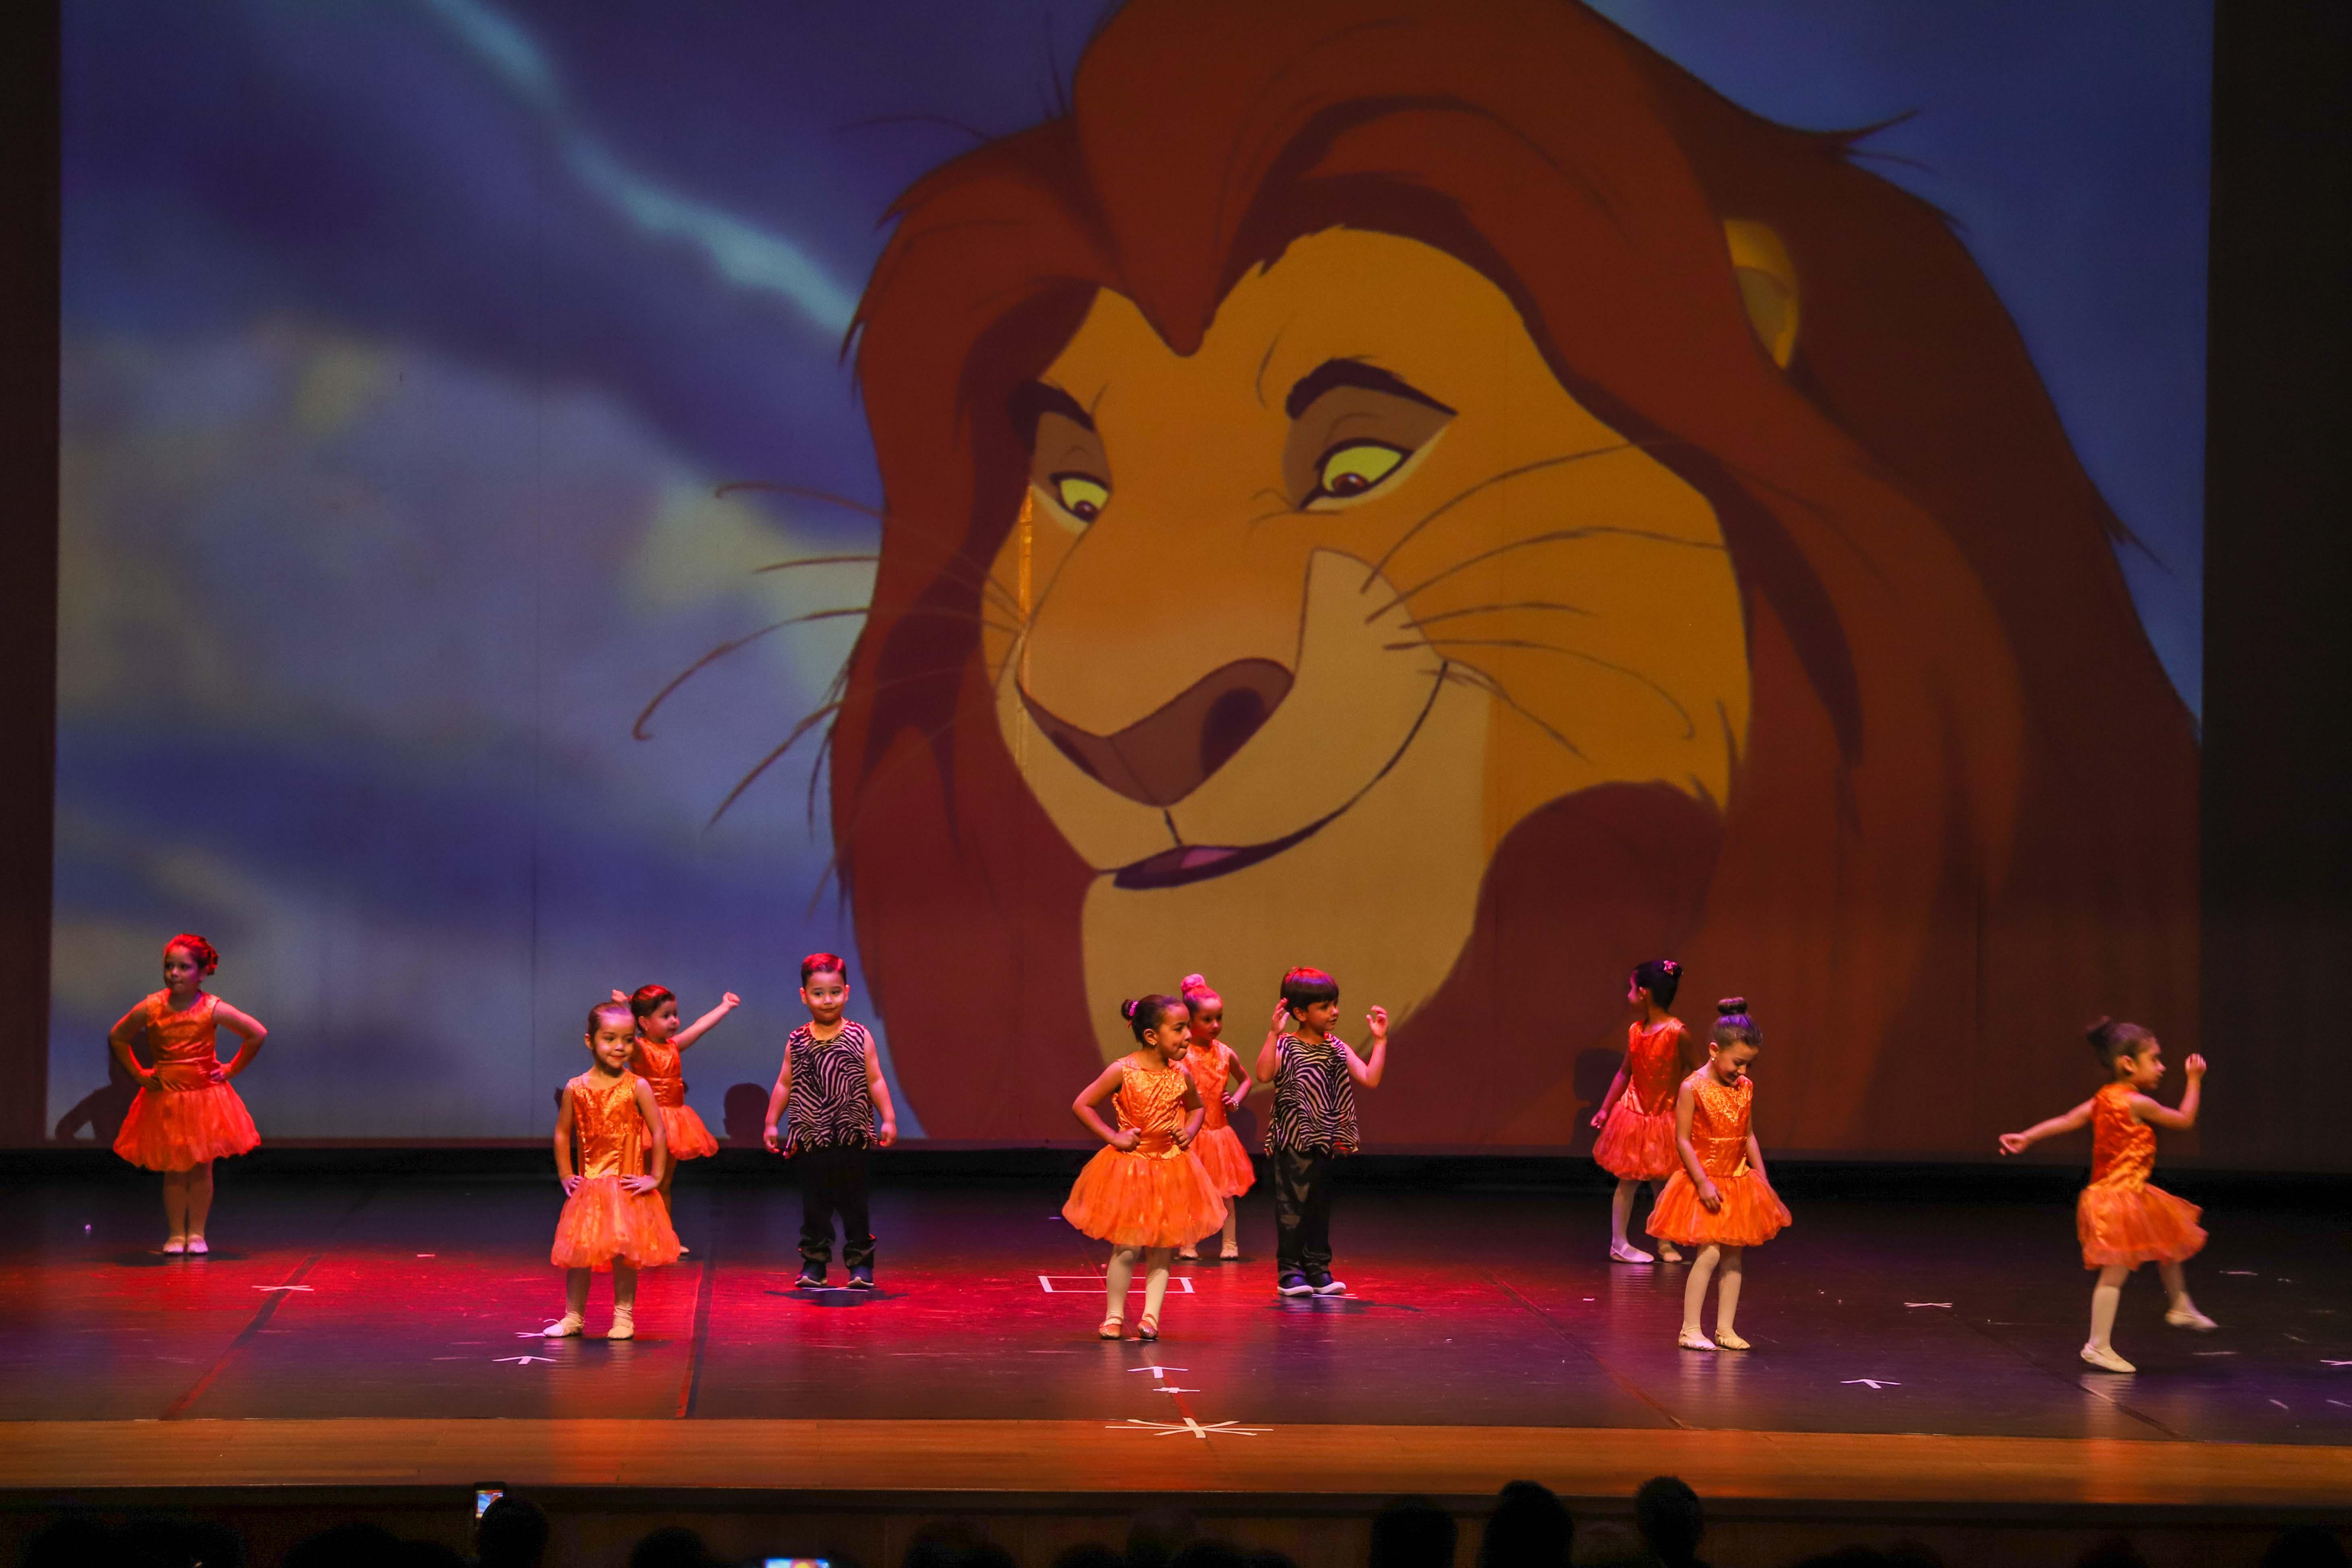 Alunos fazem apresentações de dança baseadas em clássicos do cinema